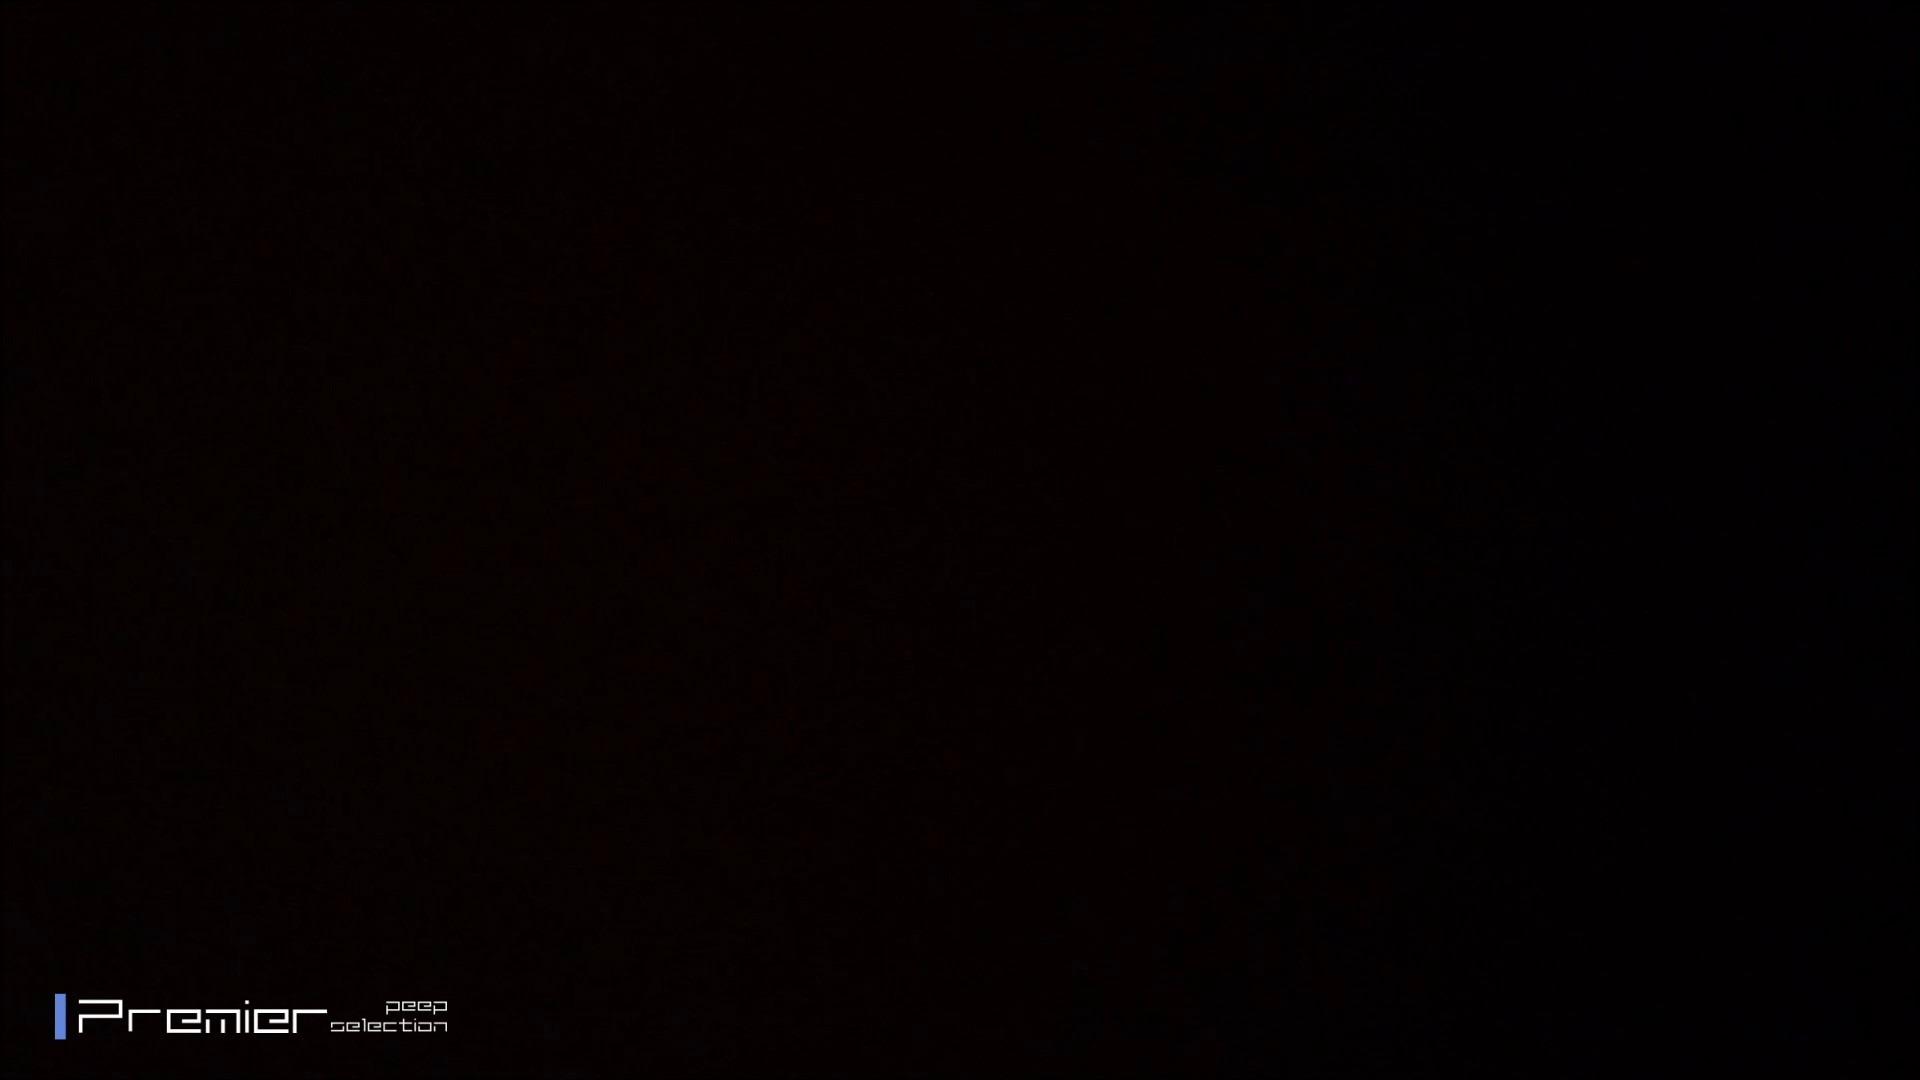 シャワーのお湯を跳ね返すお肌 乙女の風呂場 Vol.03 高評価 オマンコ無修正動画無料 108枚 64